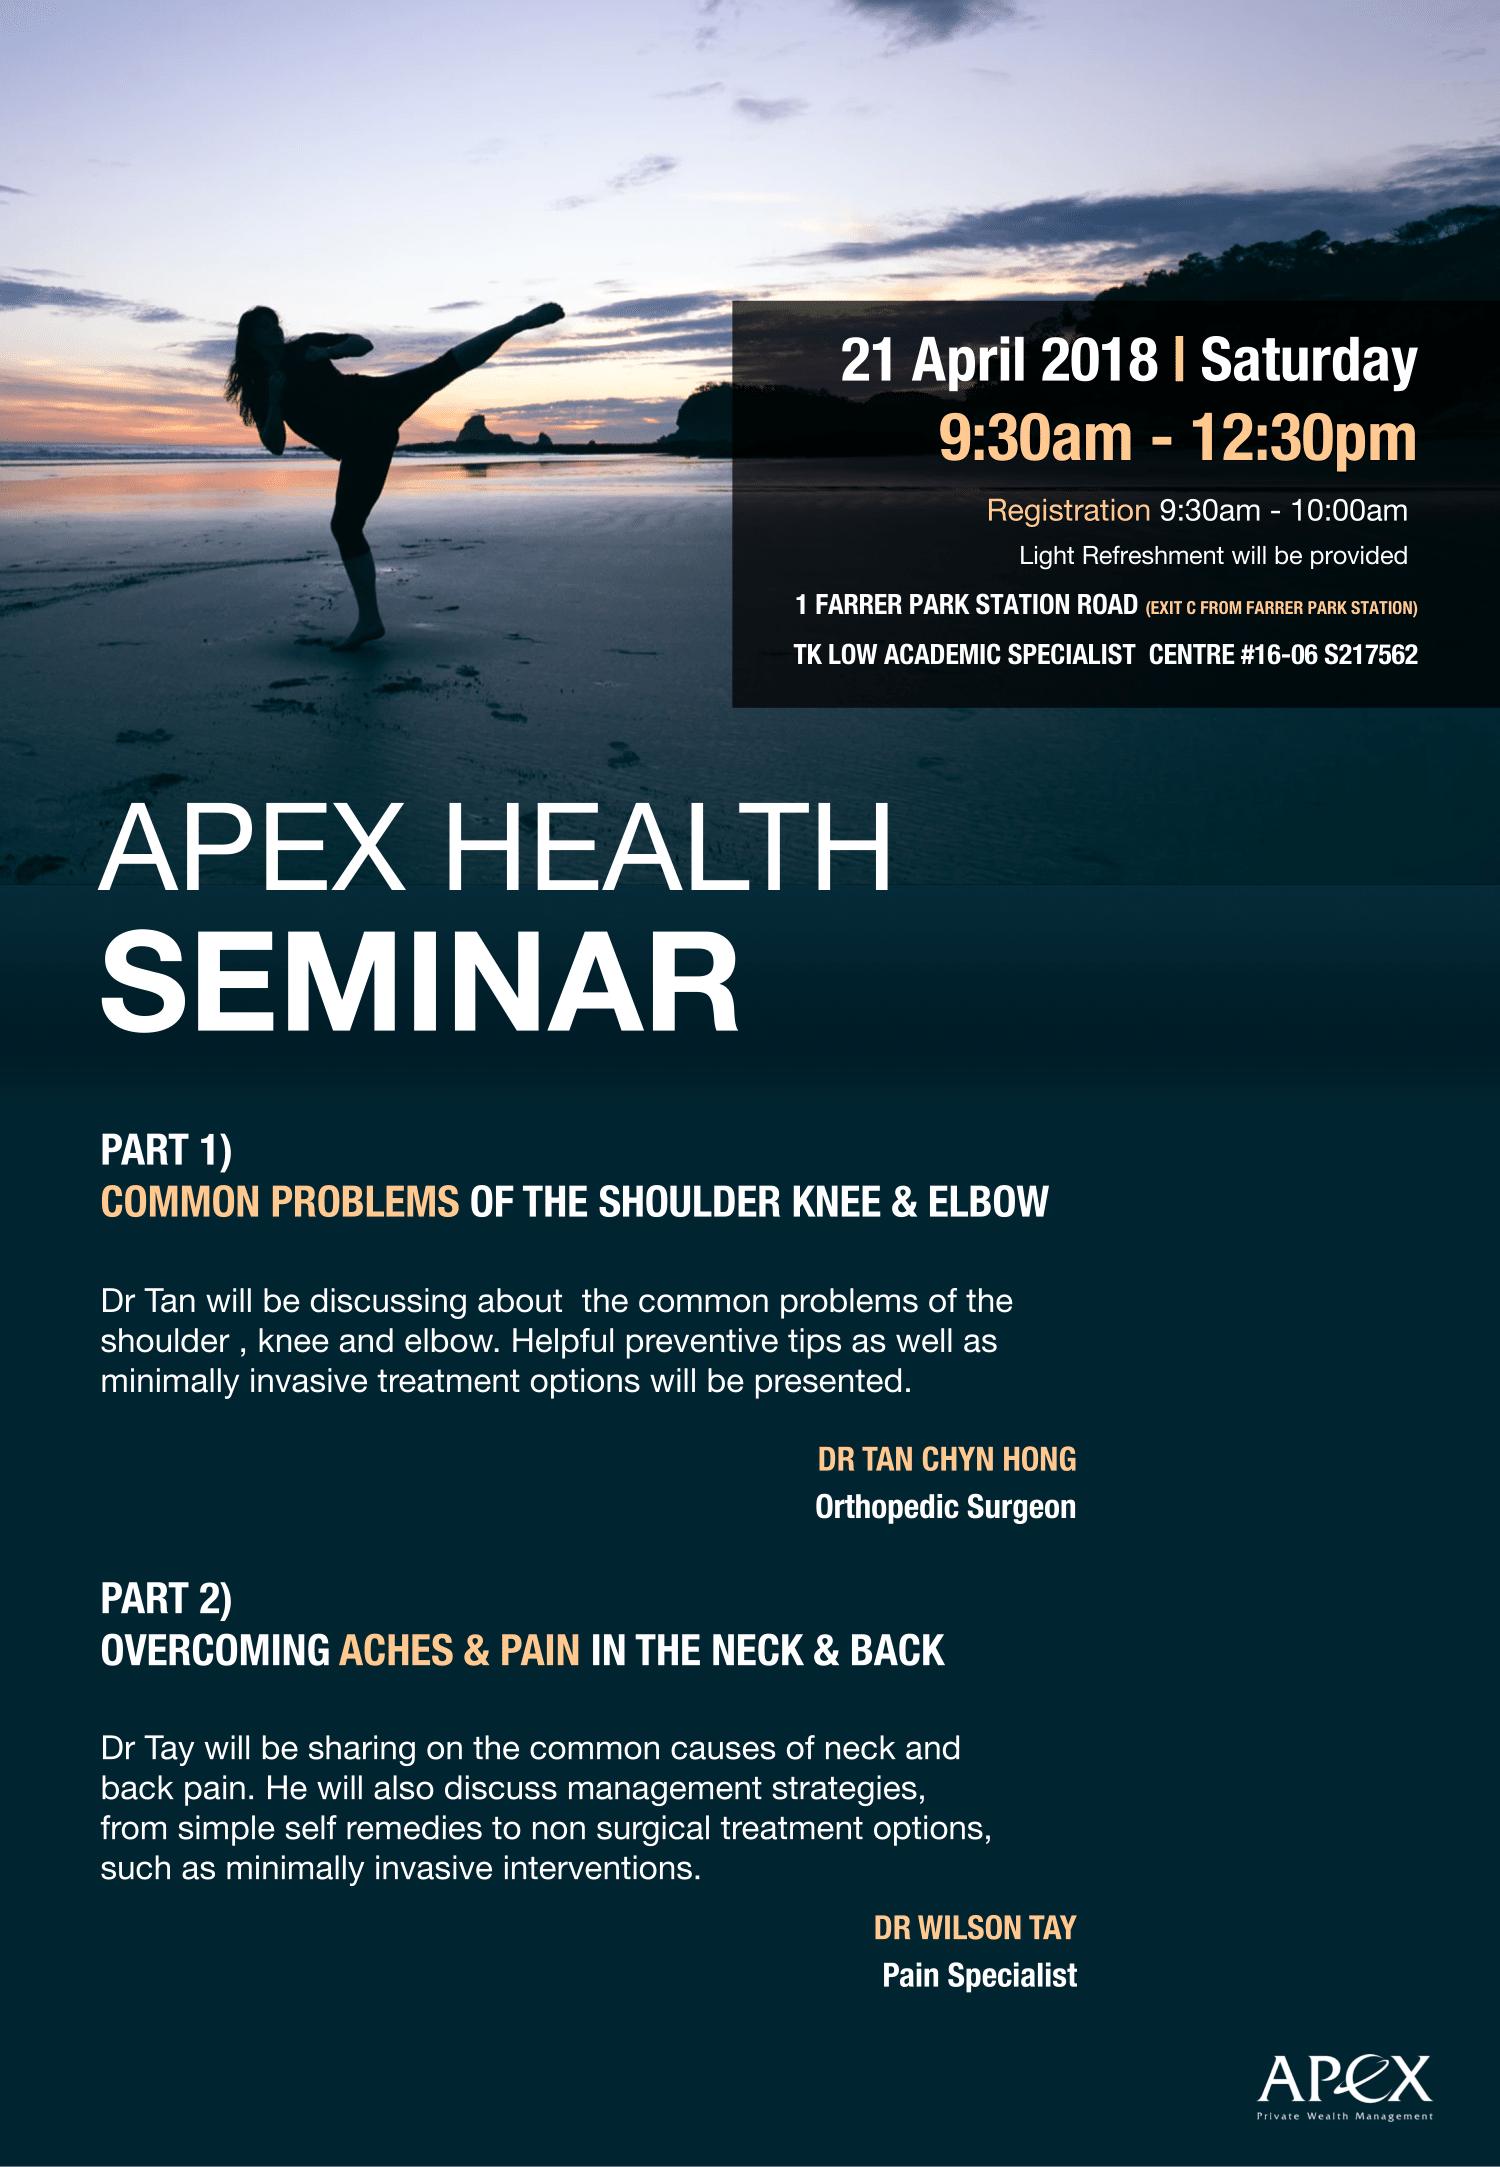 Apex Health Seminar EDM